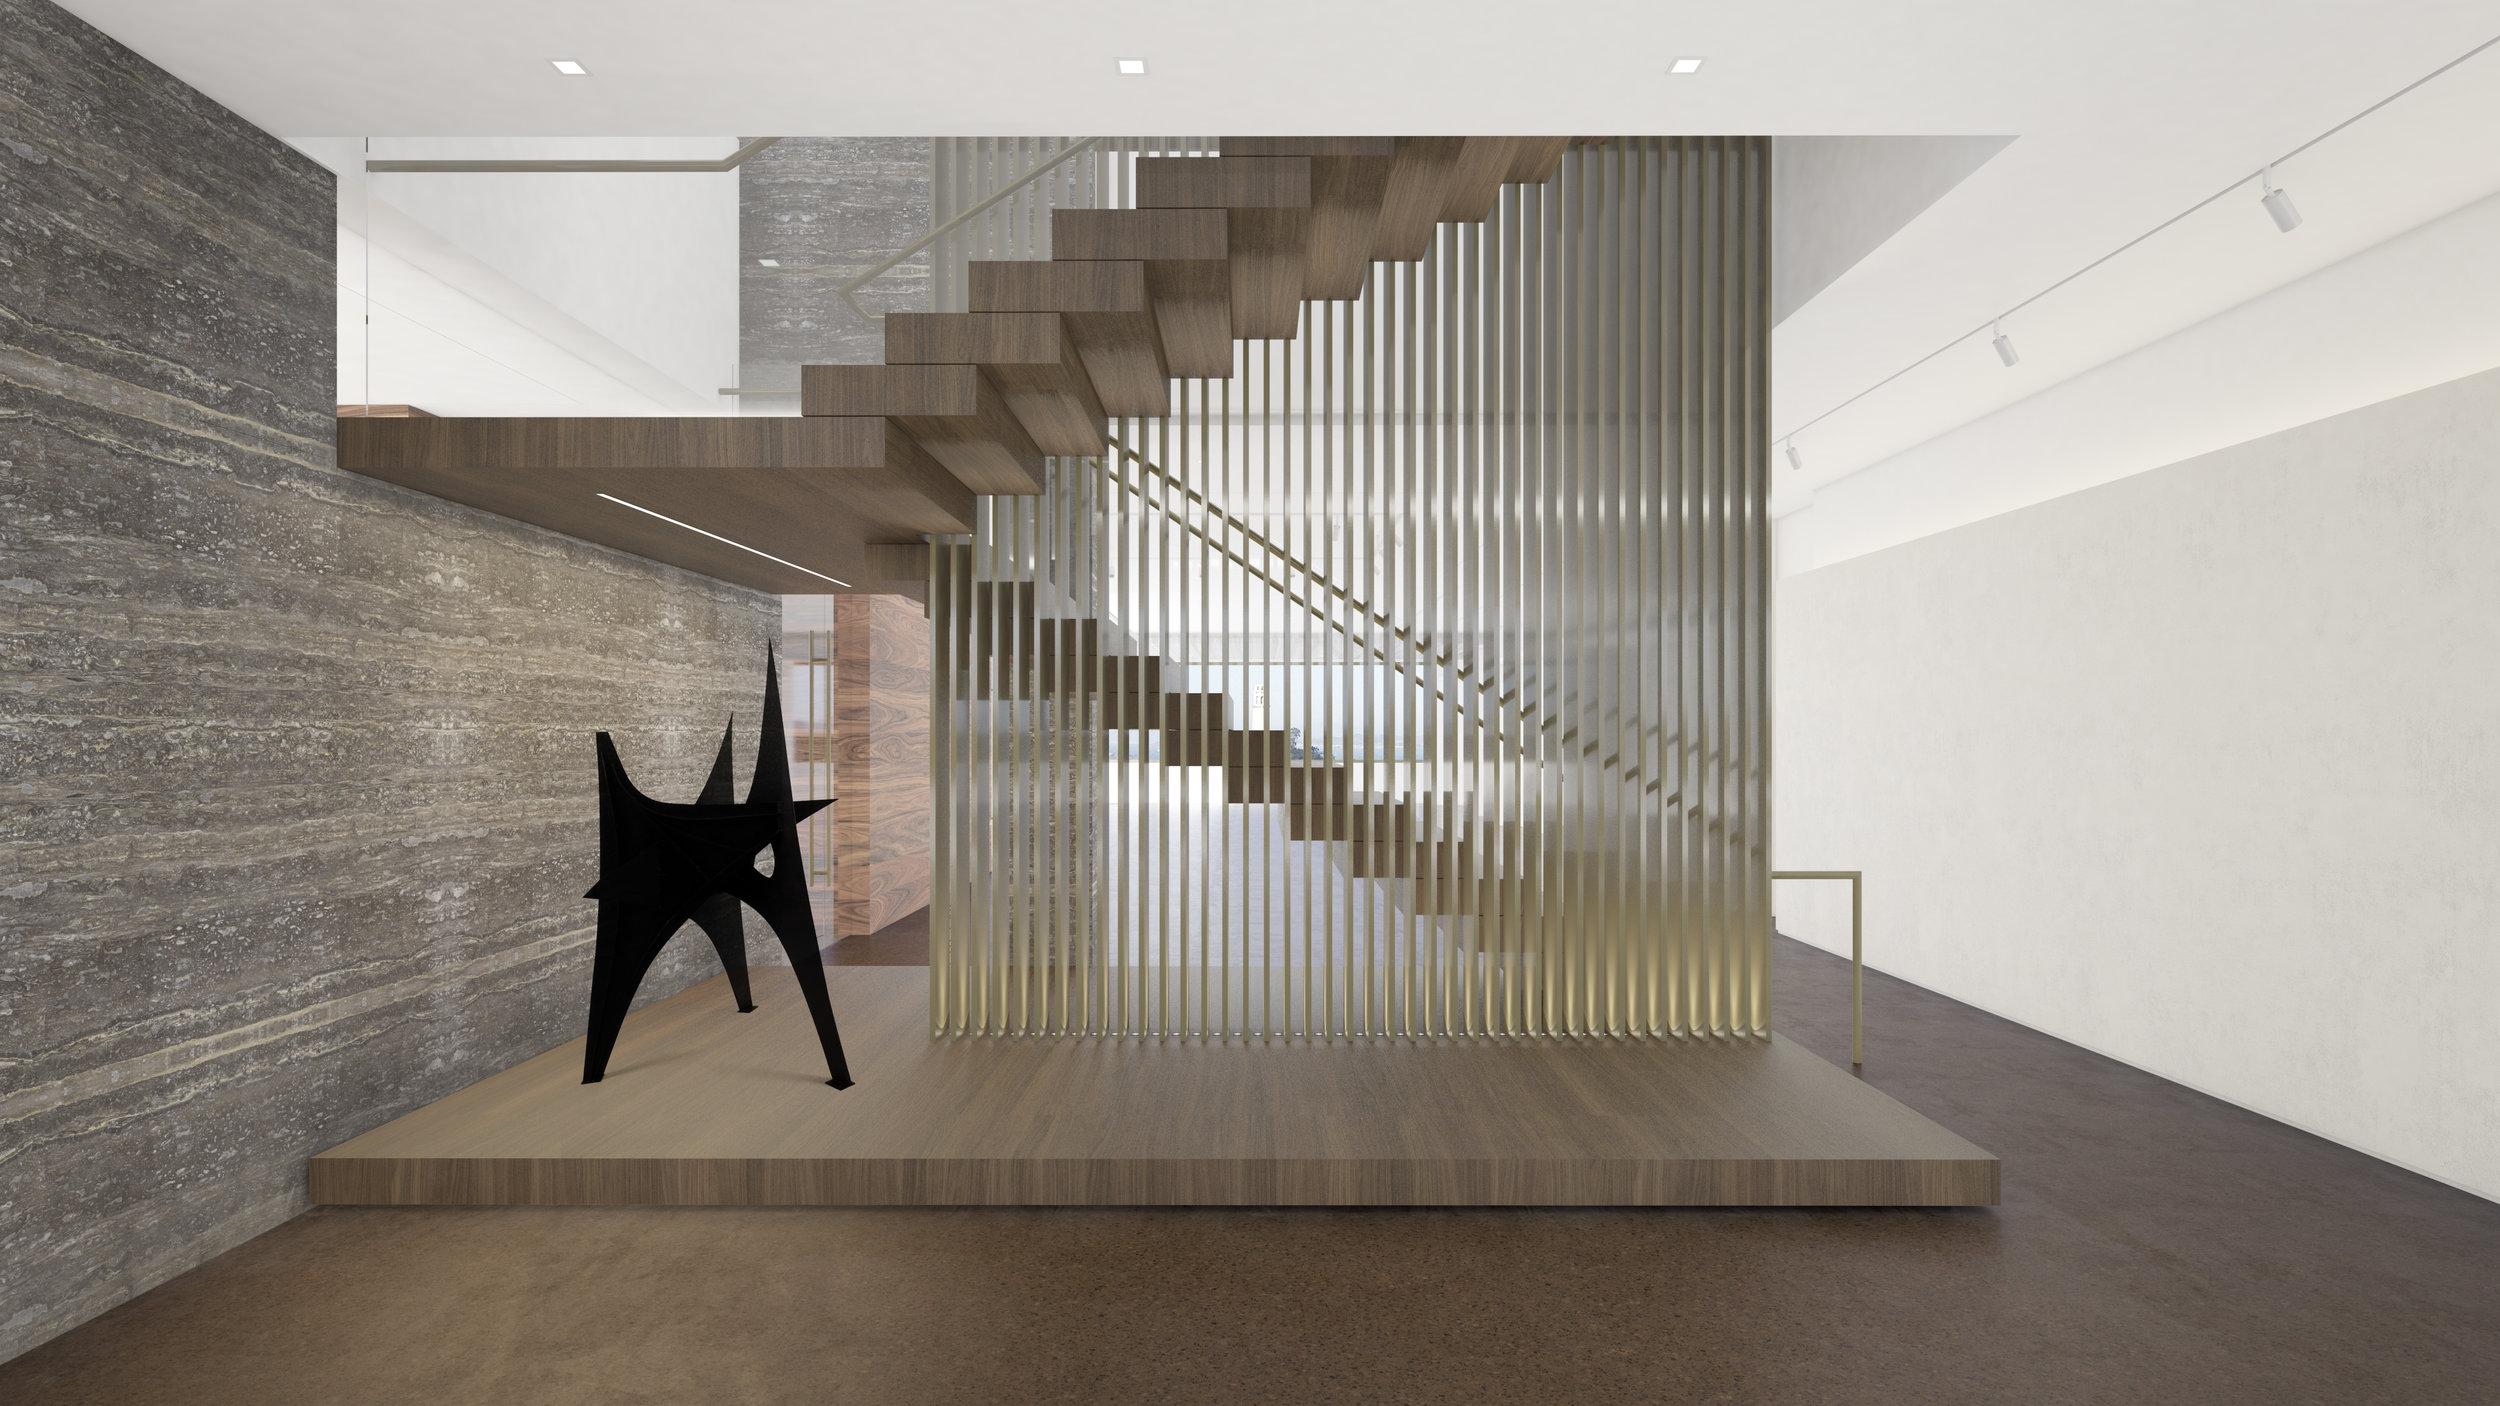 Gallery Stair